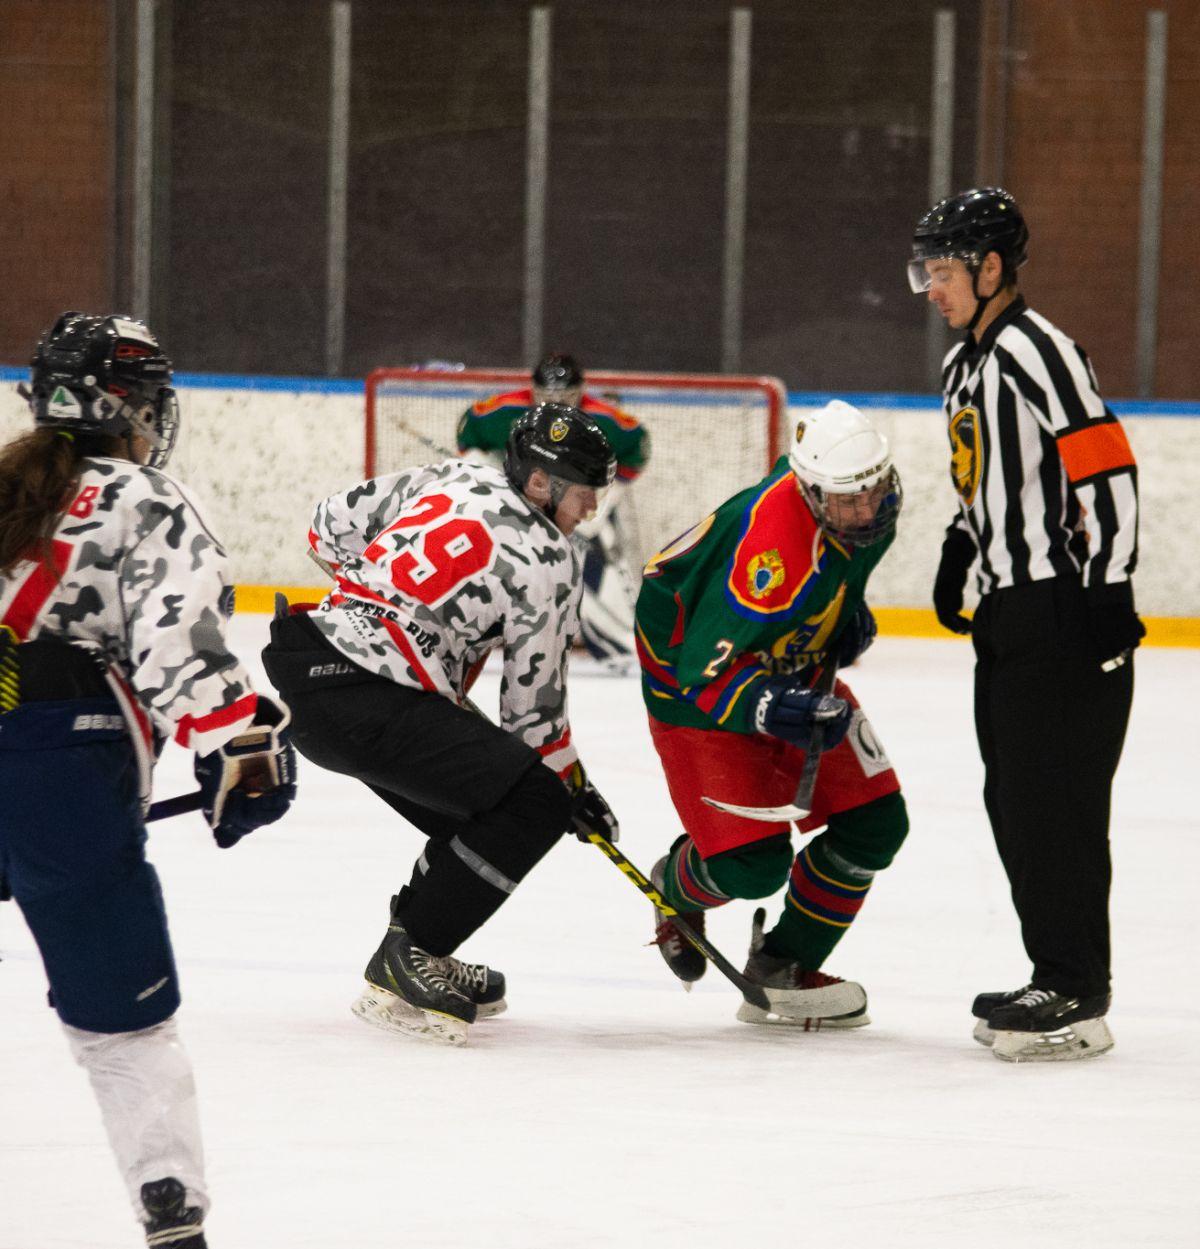 08.02.2021 Рубеж - Ice Fighters